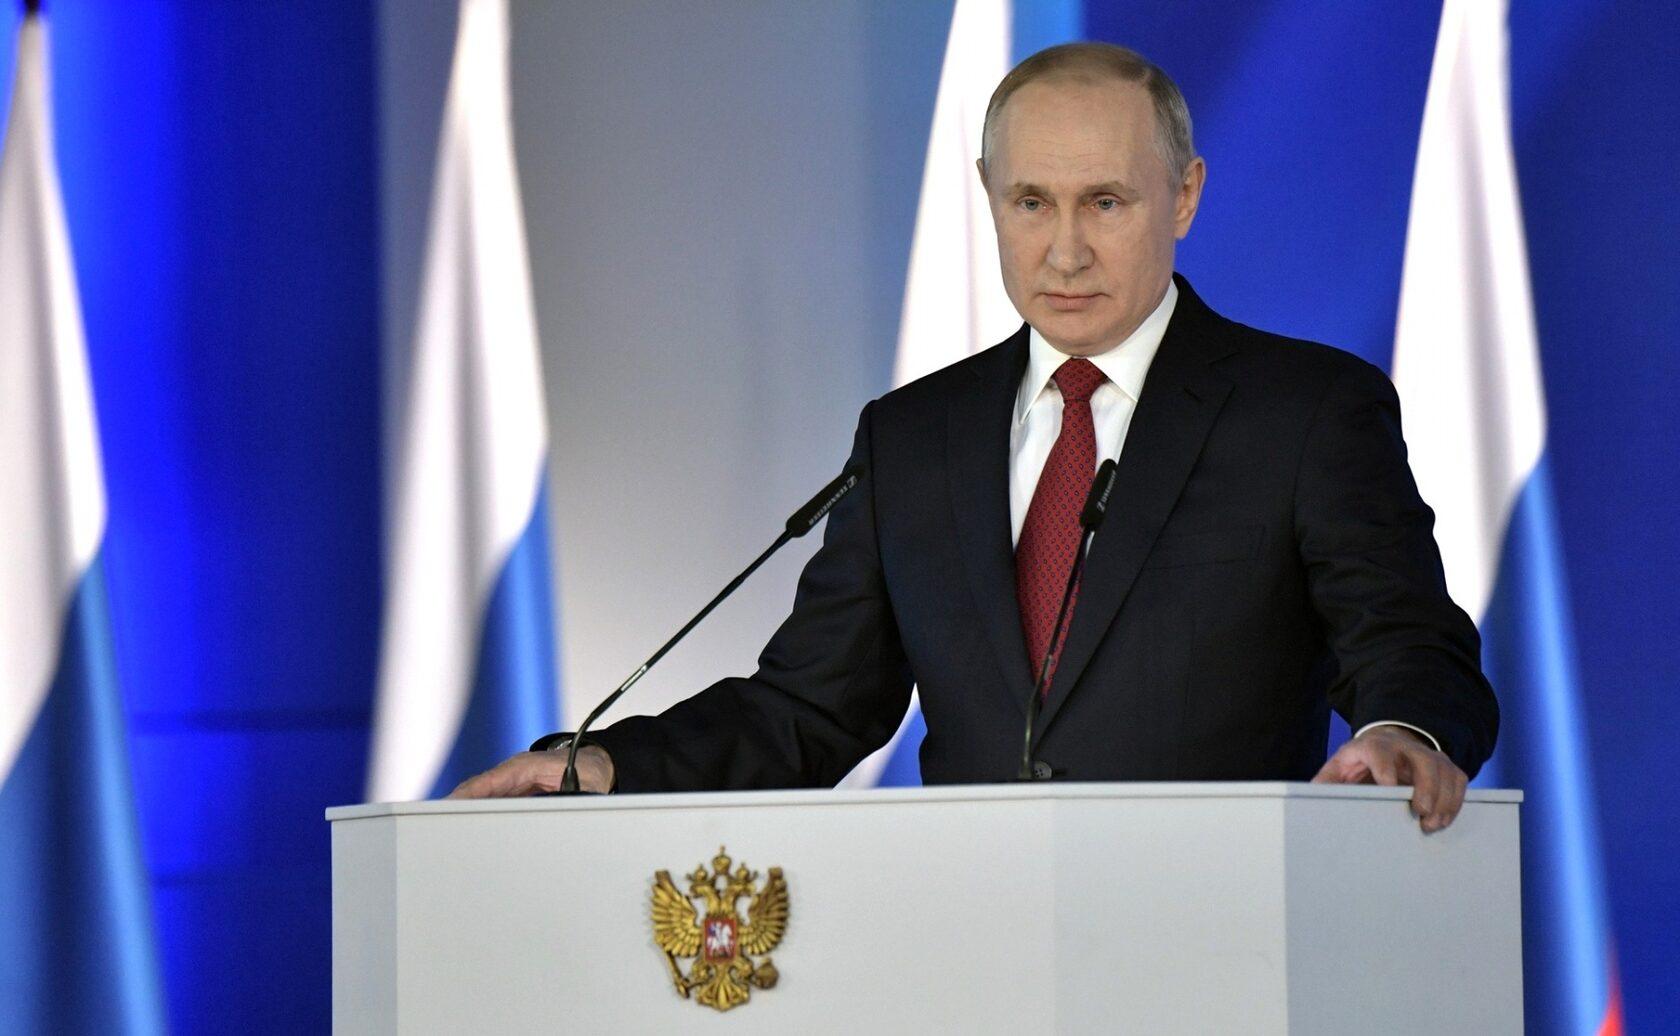 Президент призвал дать доступ к надежным и чистым источникам энергии